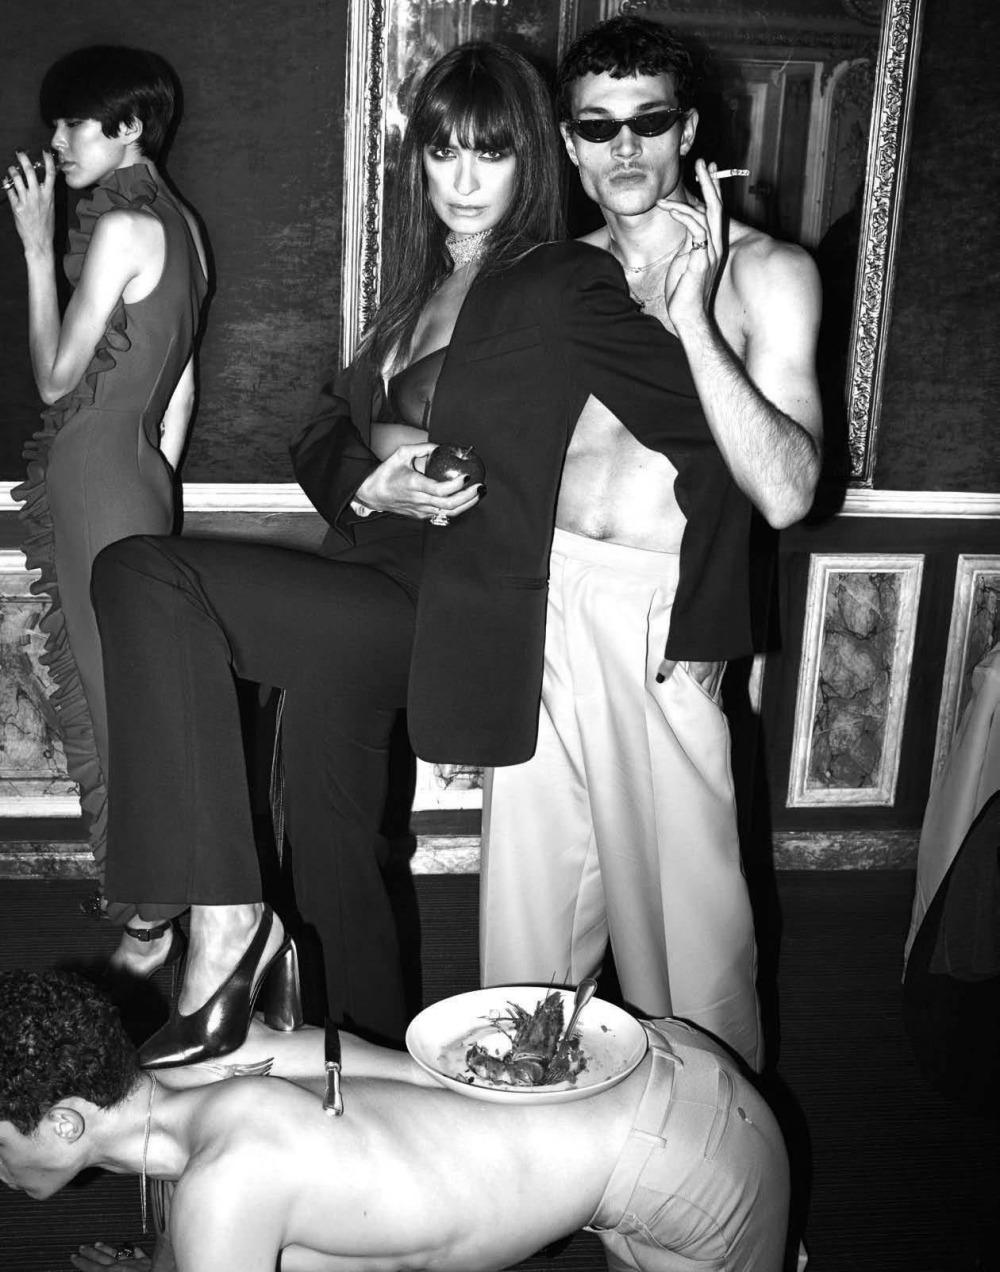 时尚摄影师组合 Mert & Marcus时尚摄影:Vogue杂志意大利版2017年11月刊《庆祝问题》